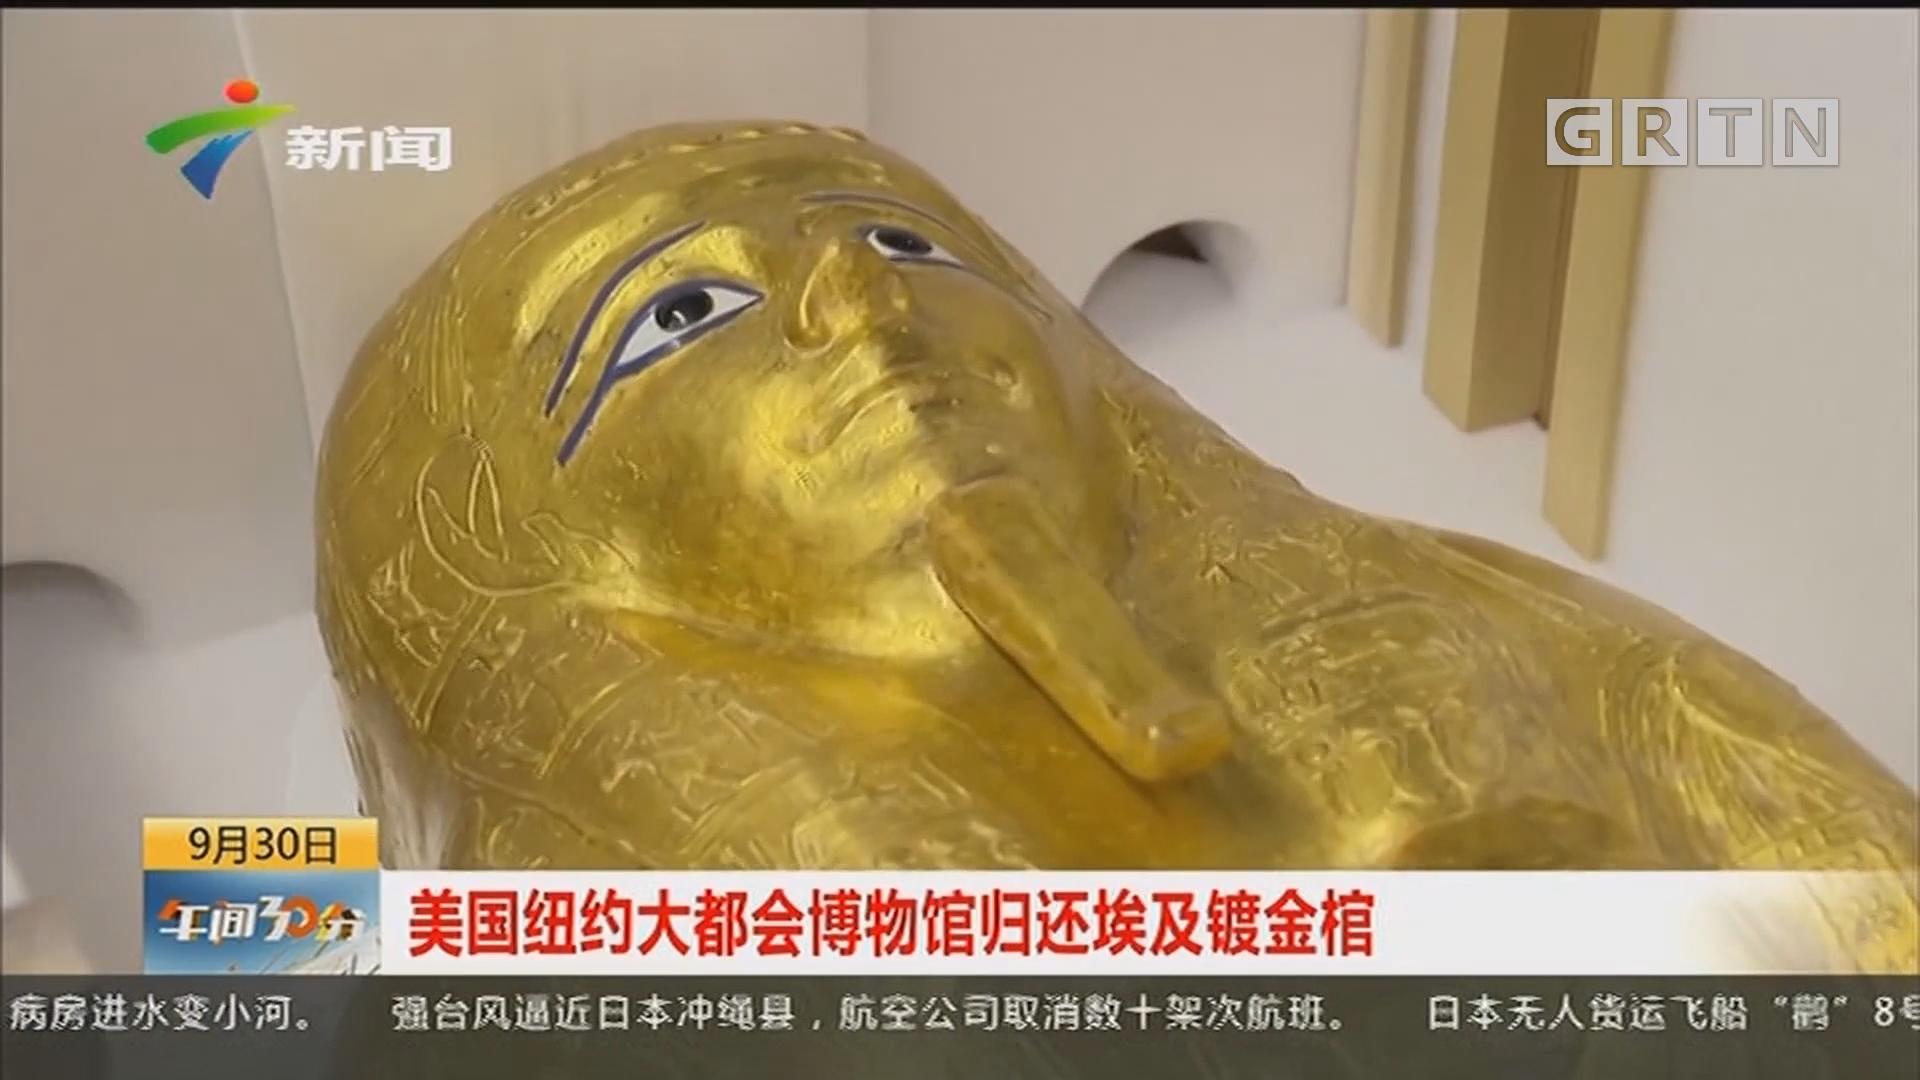 美国纽约大都会博物馆归还埃及镀金棺